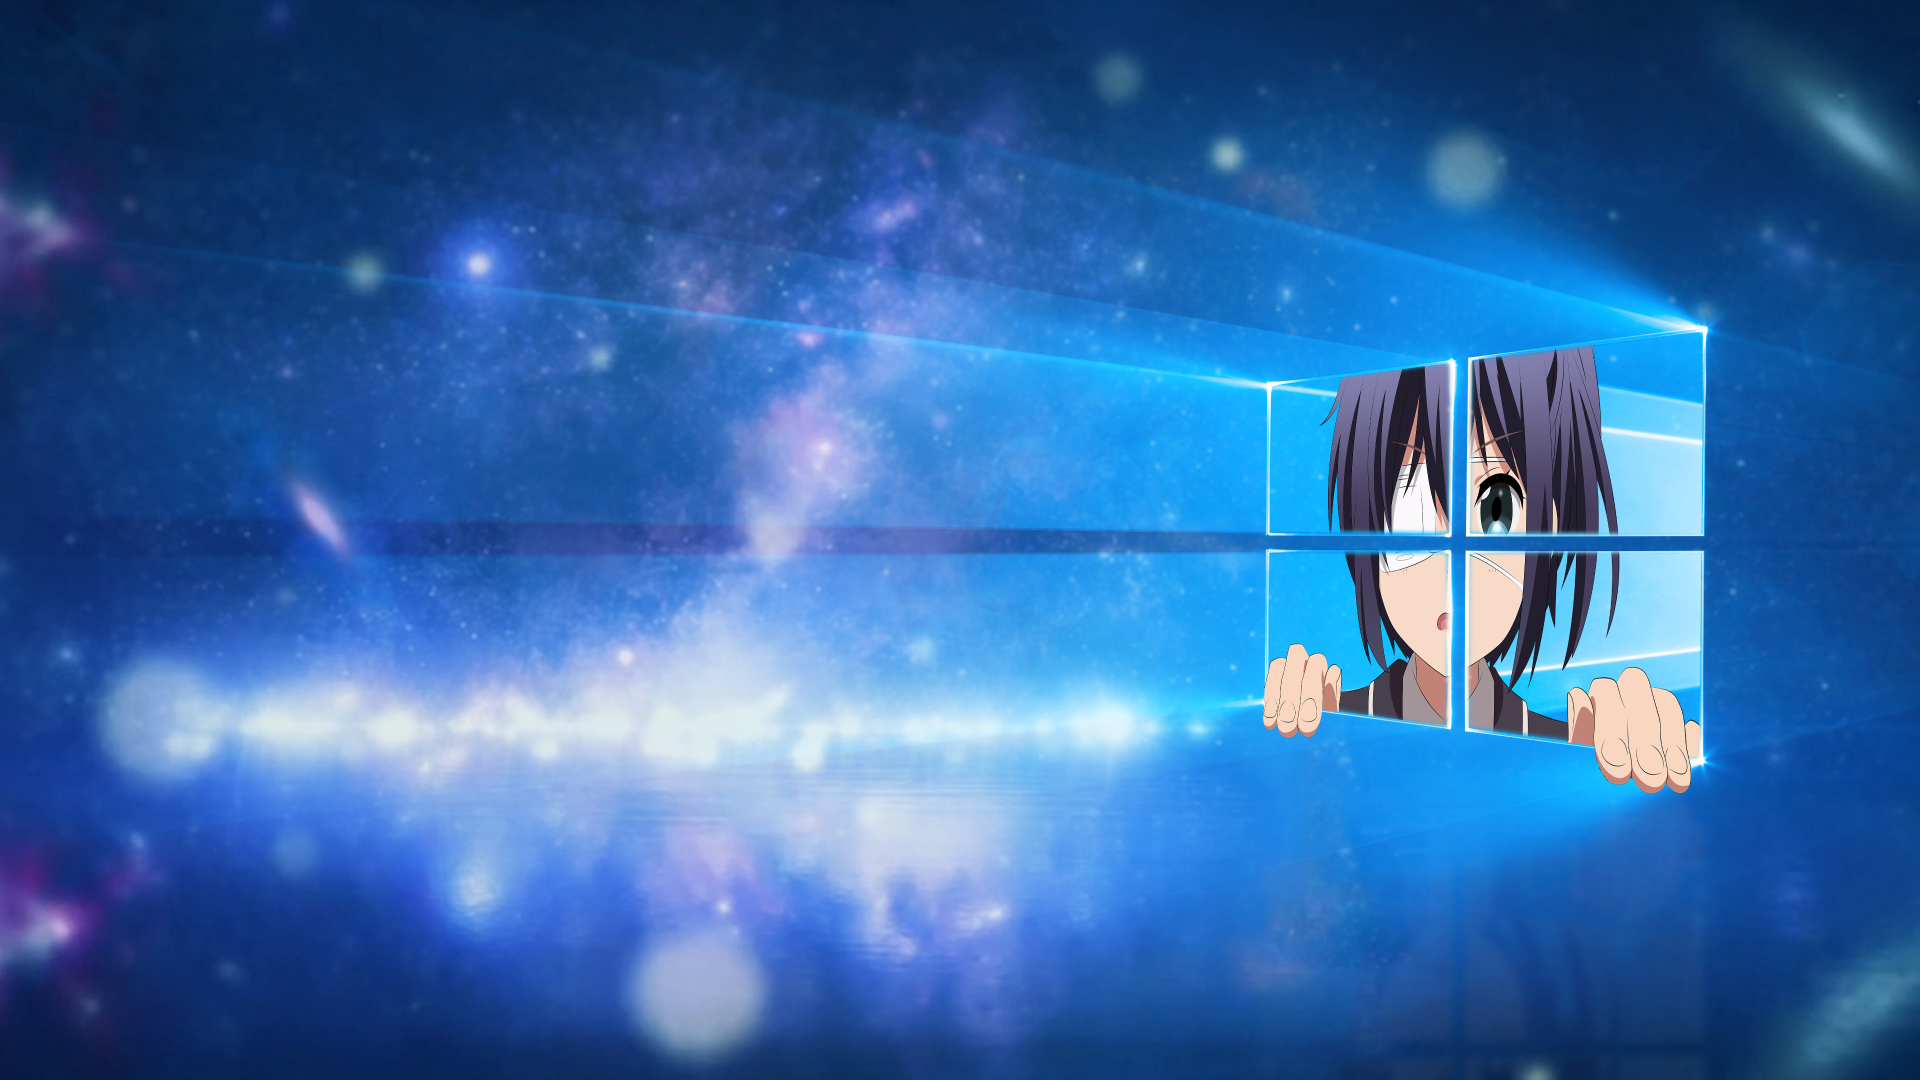 Wallpapers windows 10 hd fondos de pantalla - Fondos de pantalla para pc 4k anime ...